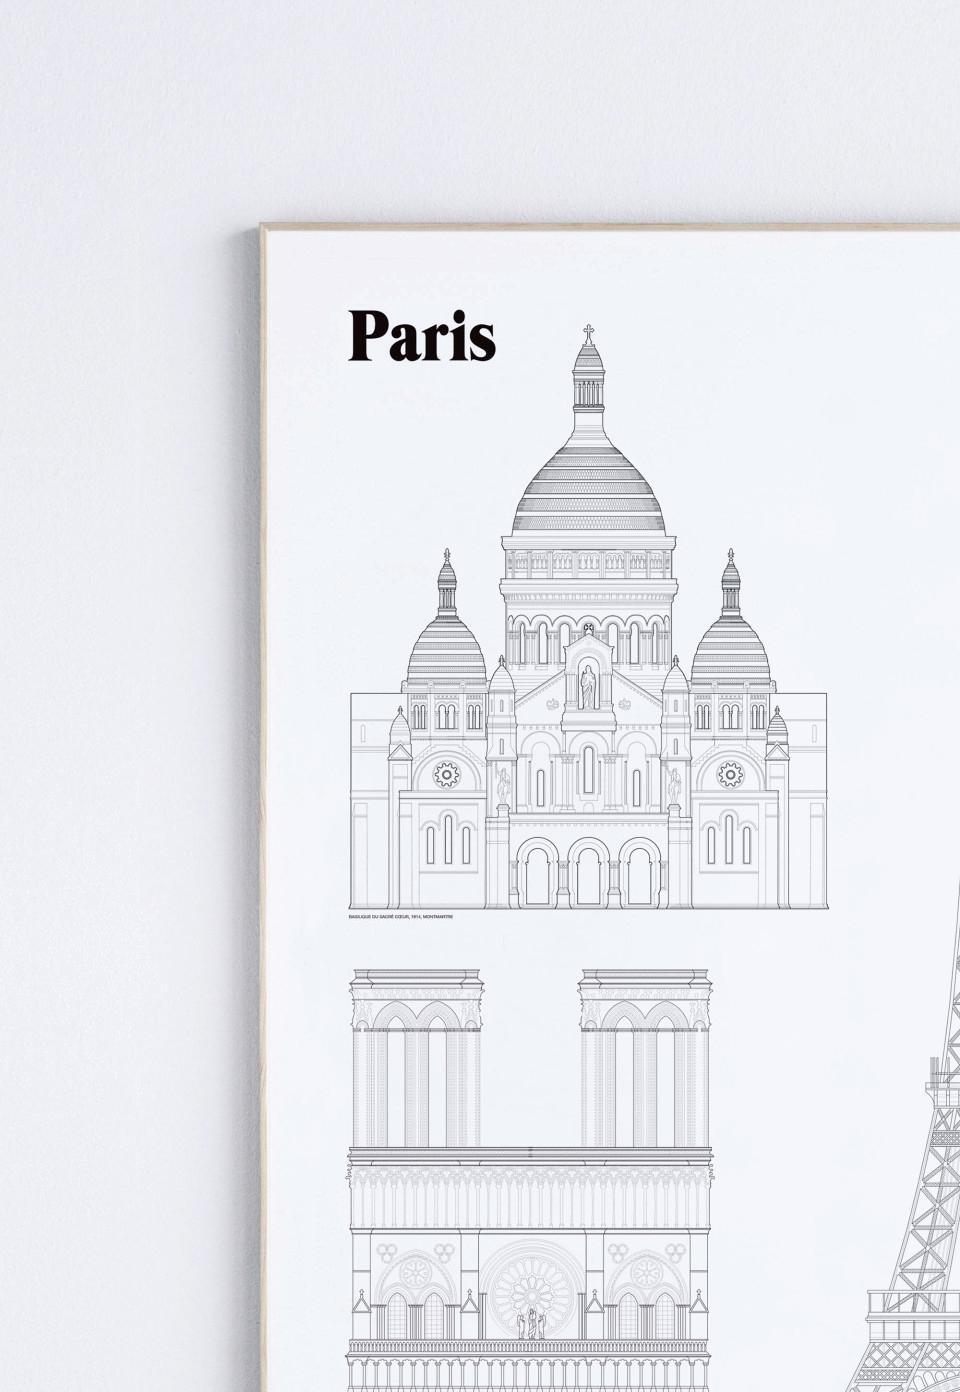 Kända landmärken från Paris, bilden är beskuren.